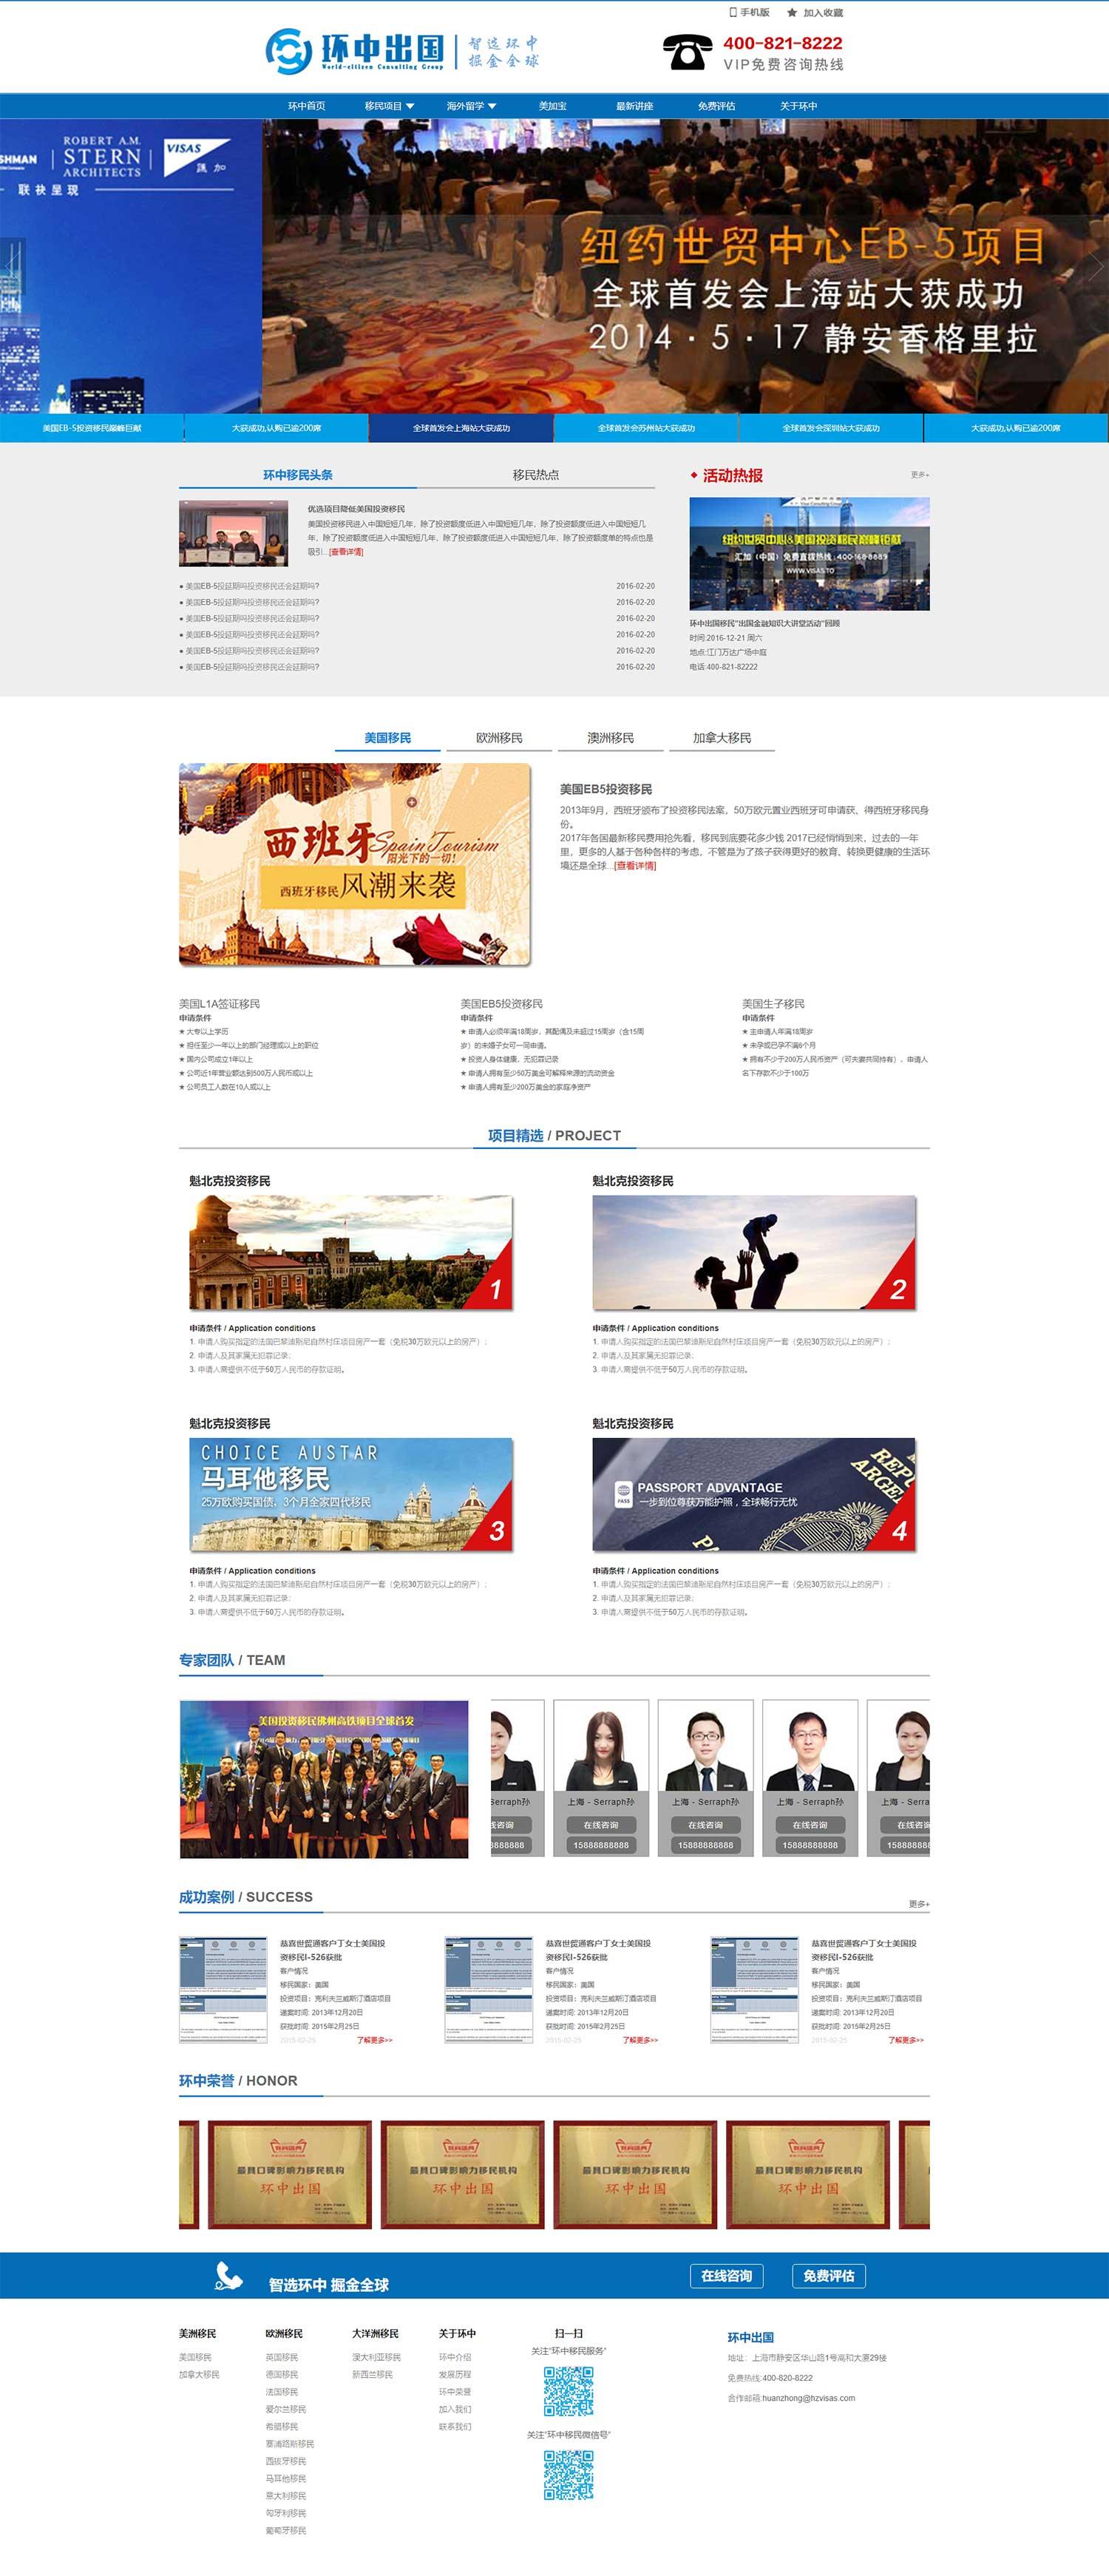 蓝色大气的国外移民网站模板html整站